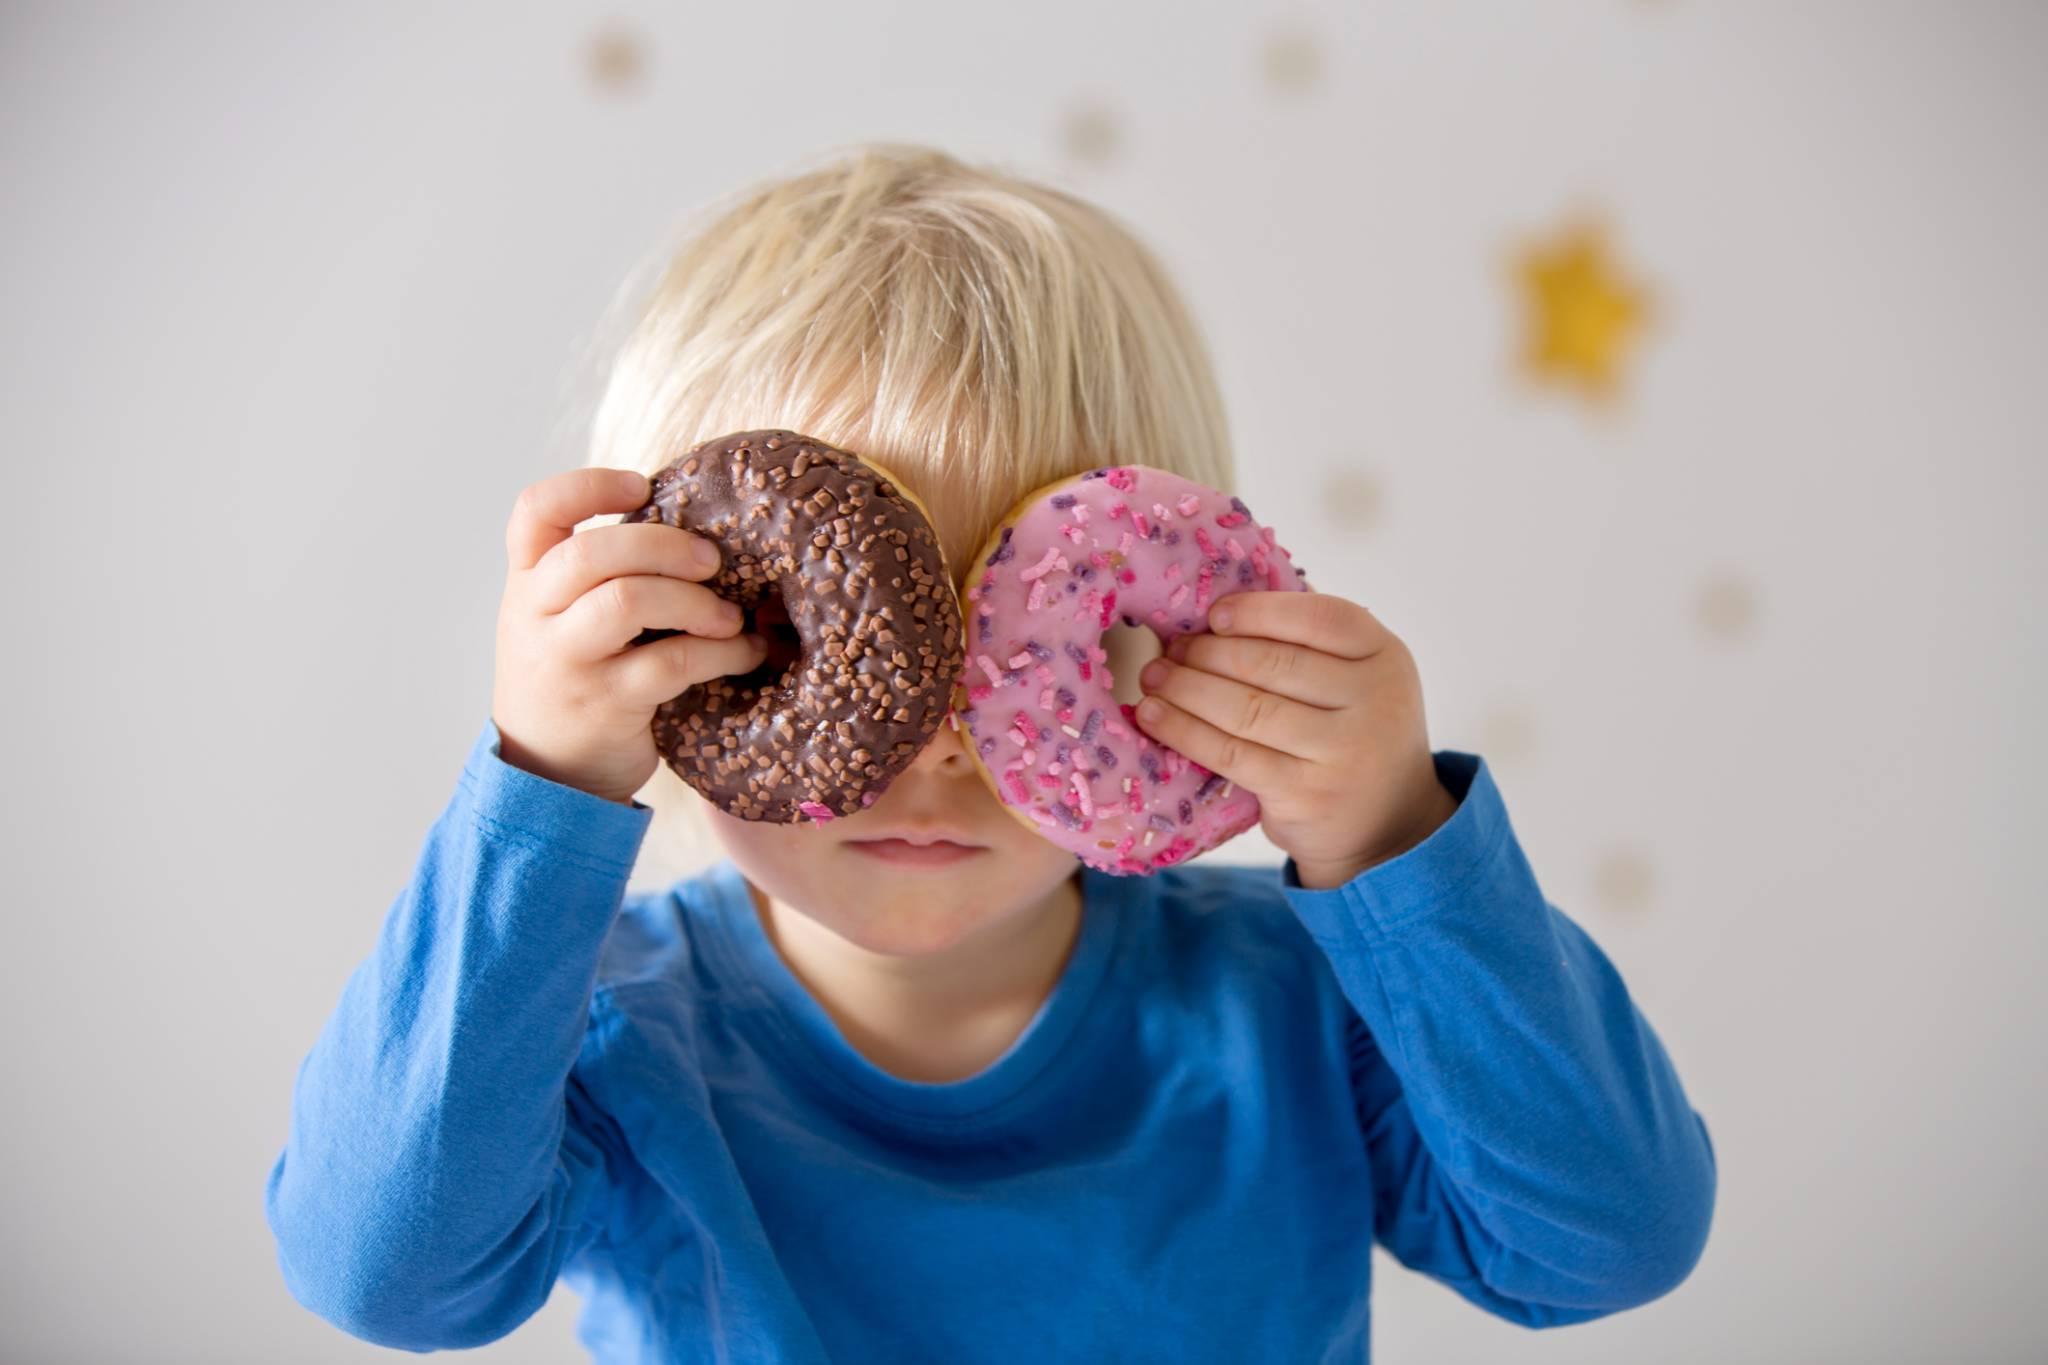 Odchudzanie dzieci - dietę powinna zmienić cała rodzina